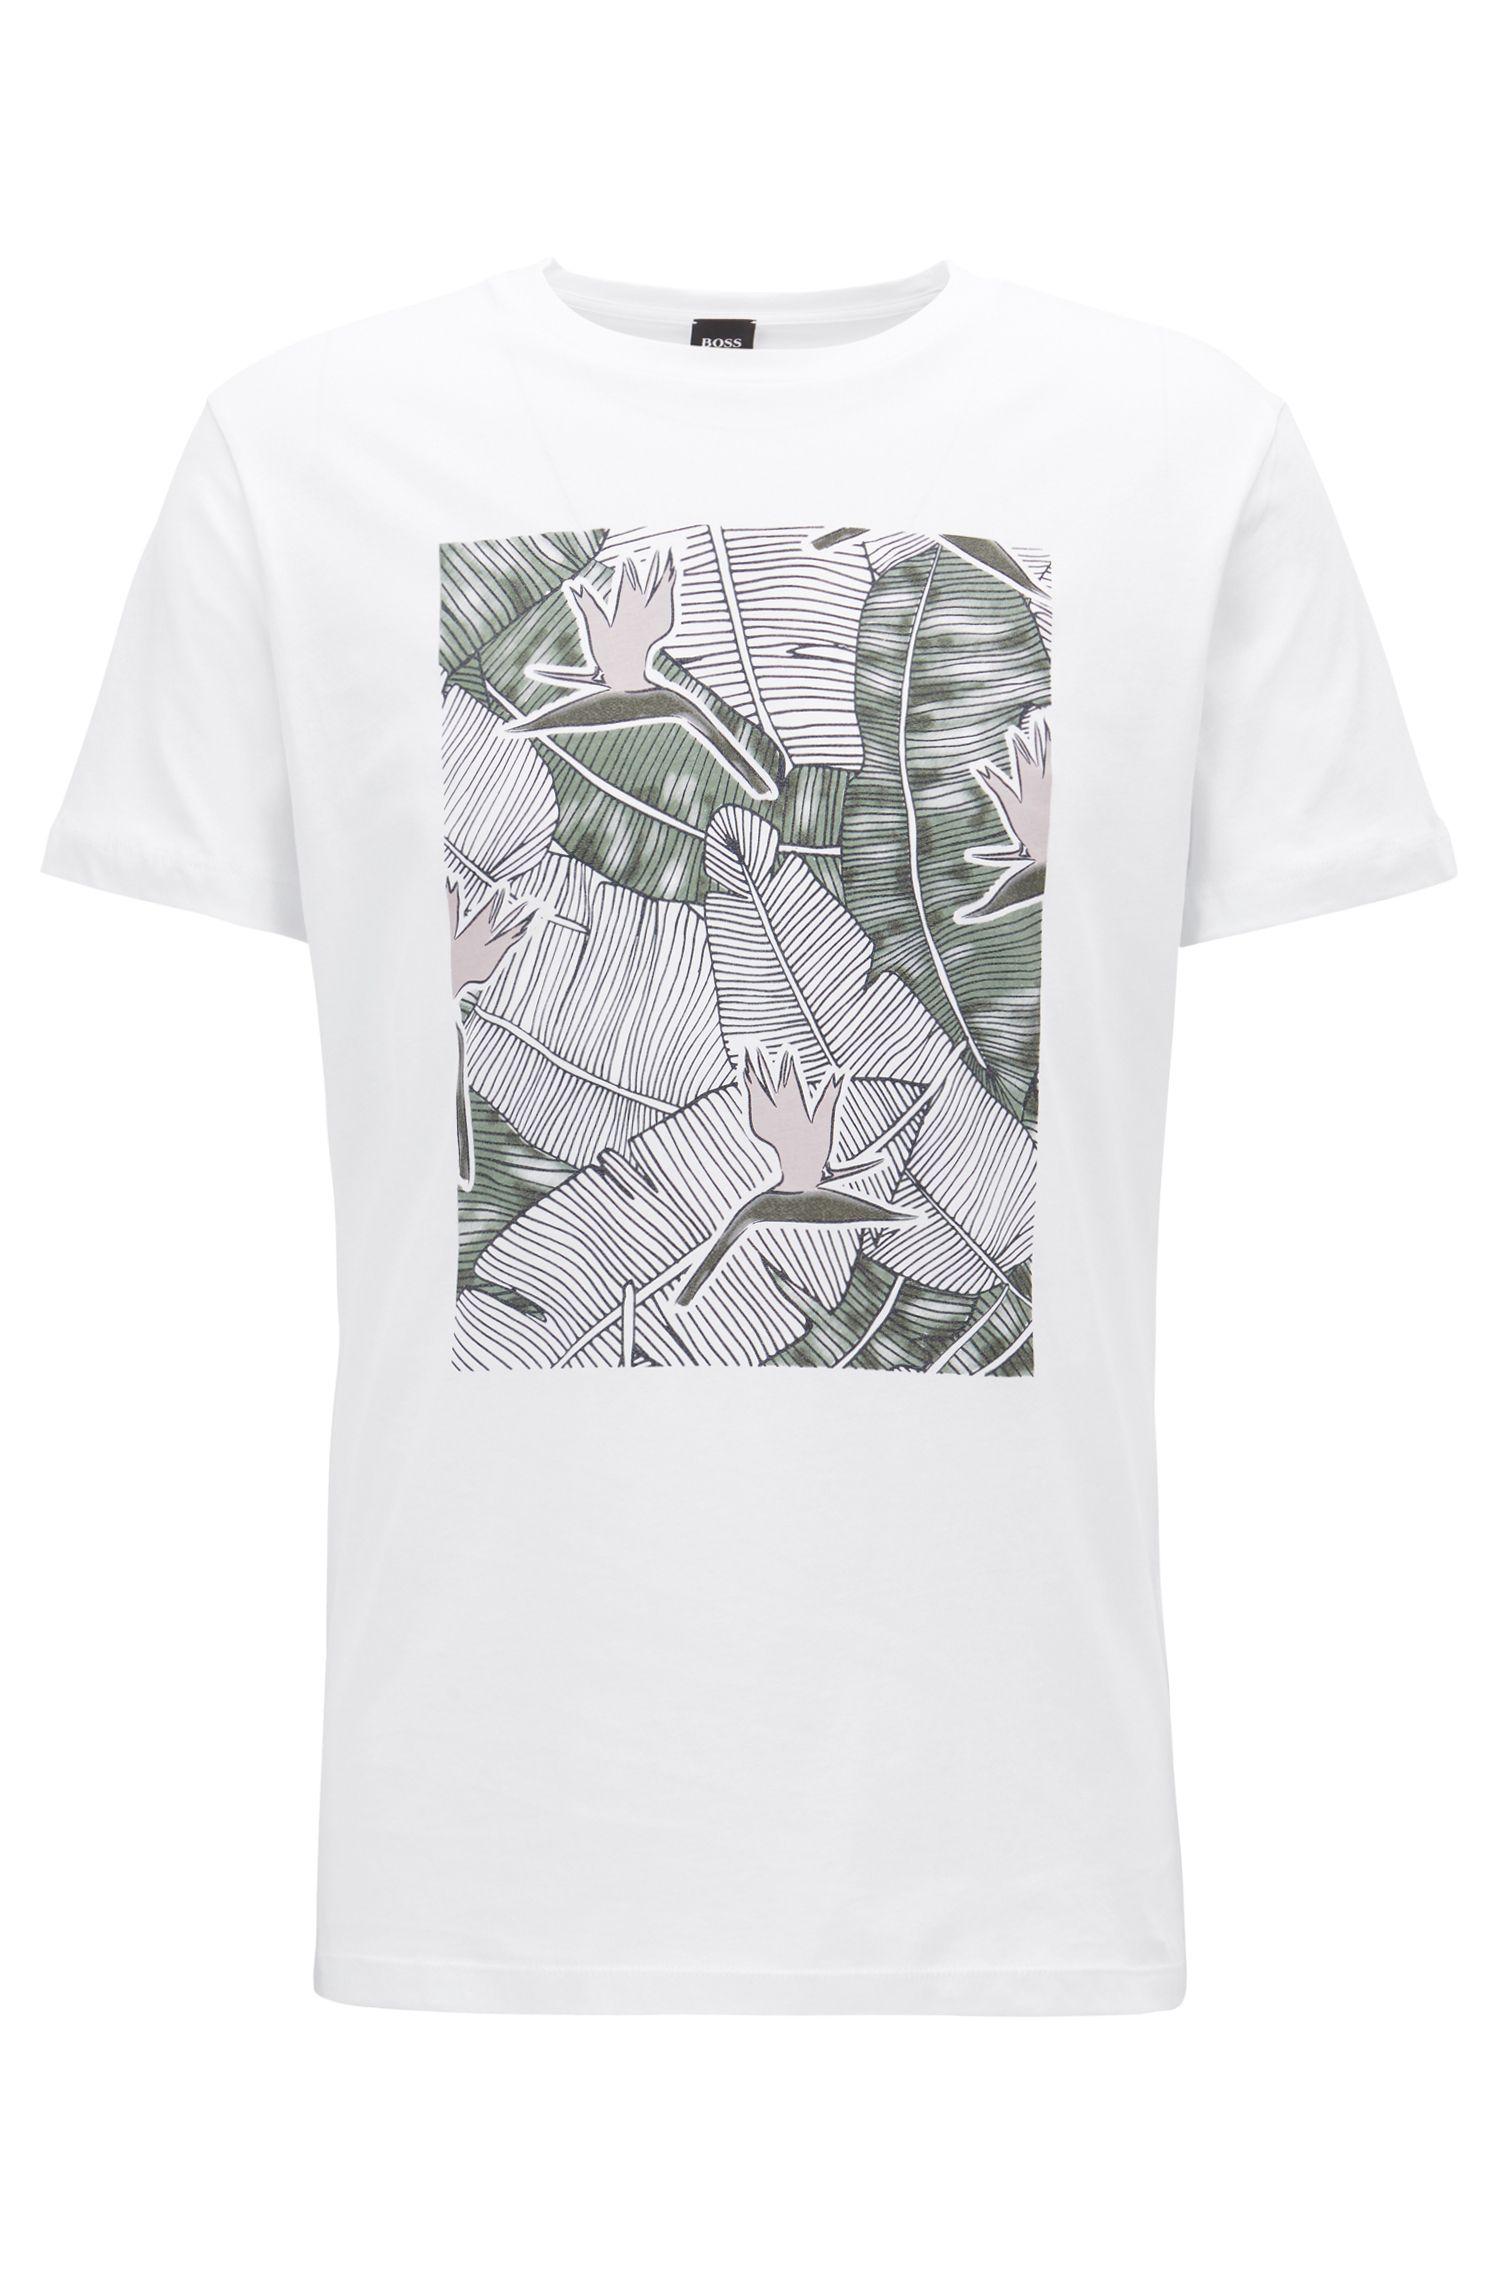 T-shirt con stampa grafica in jersey di cotone lavato